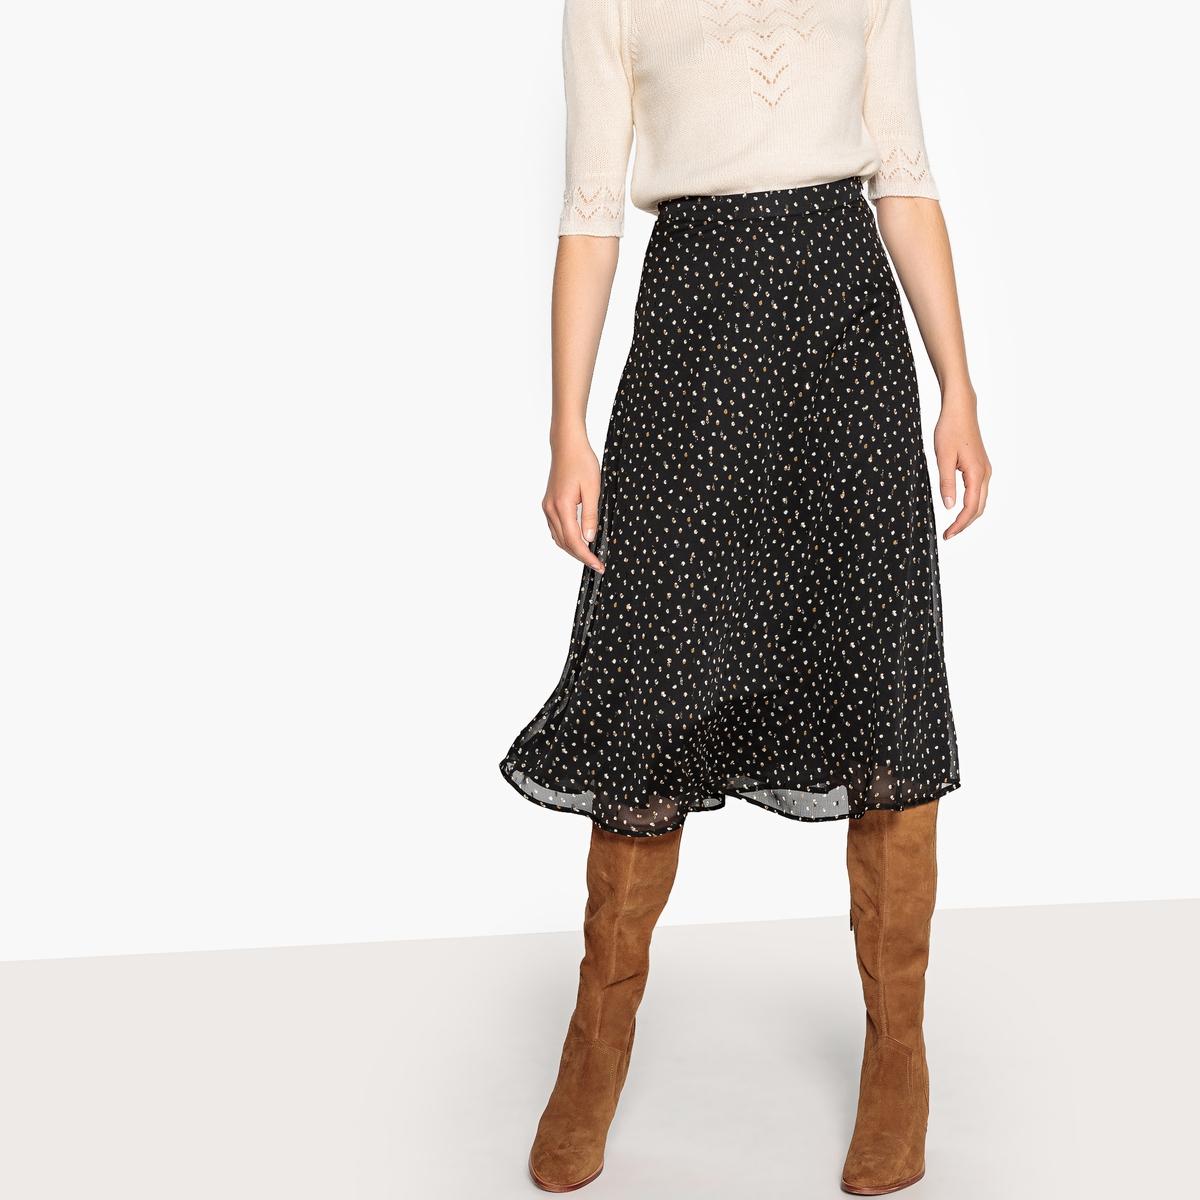 Falda larga vaporosa estampada